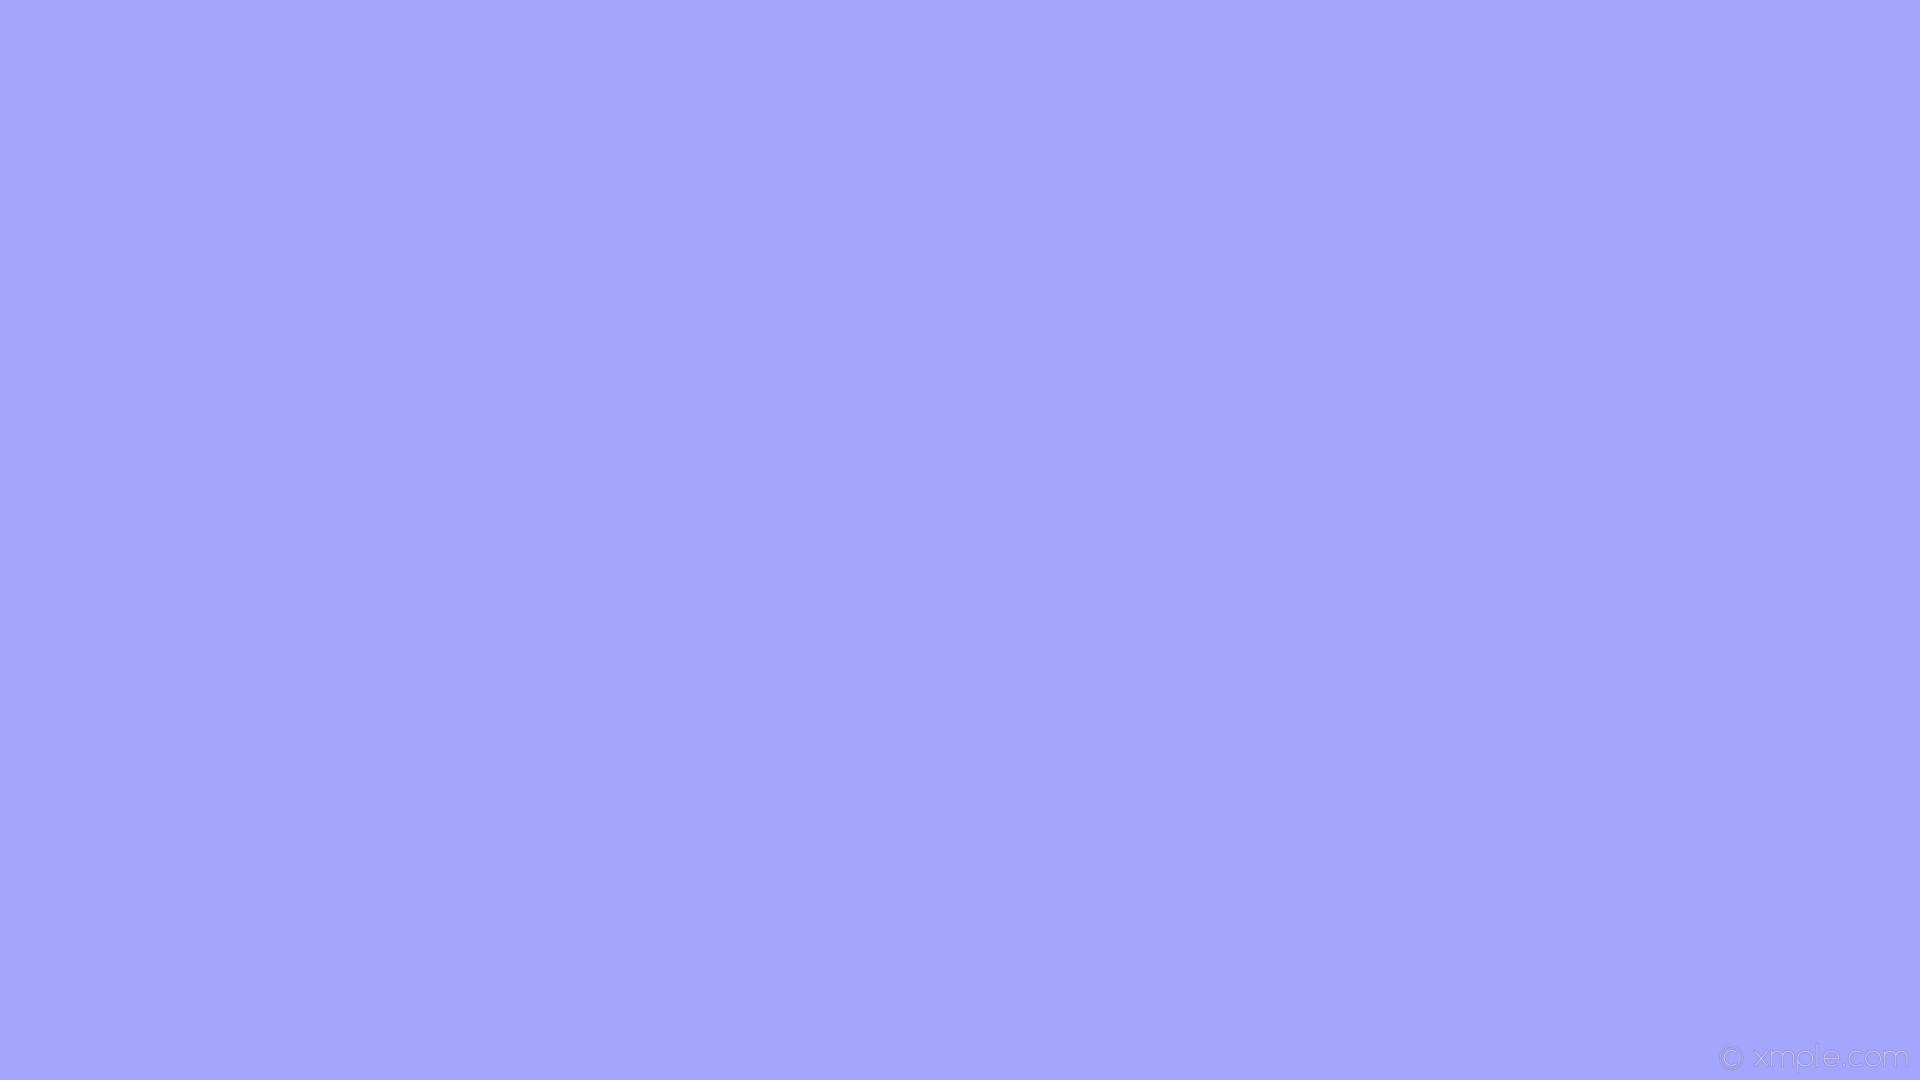 wallpaper single blue plain one colour solid color light blue #a4a5fd